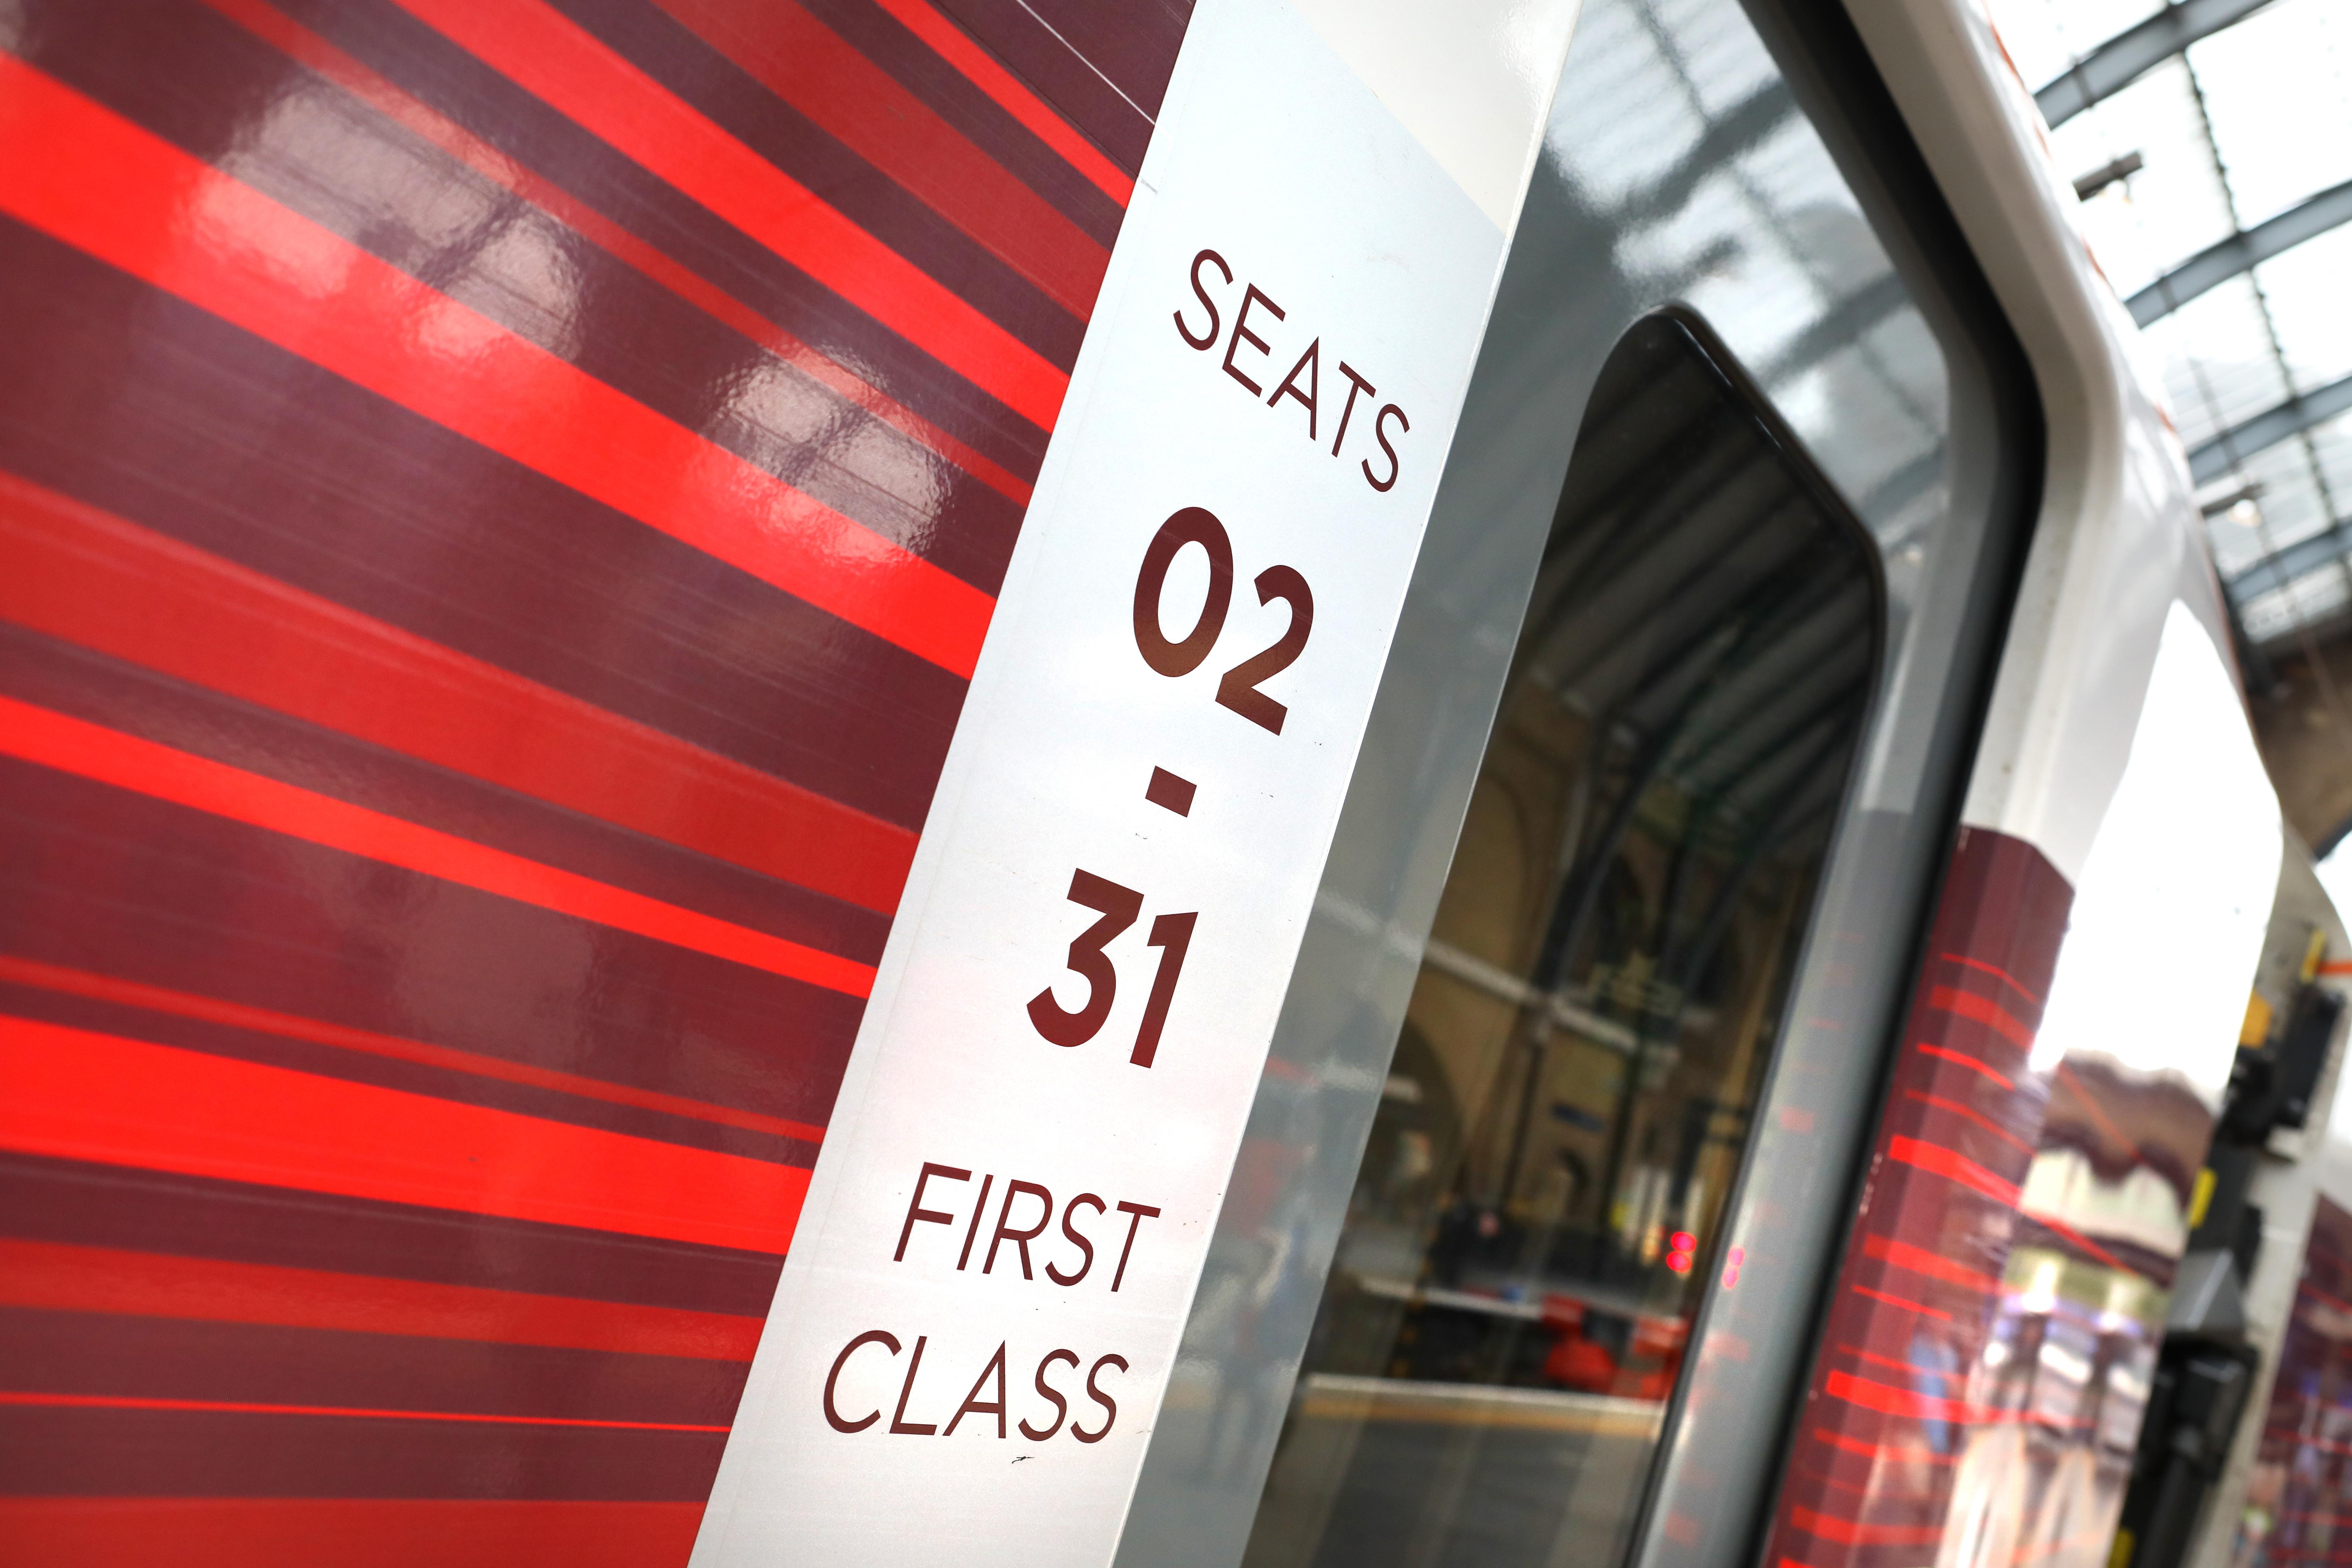 LNER Transforms Travel To Make Returning To Rail Simpler